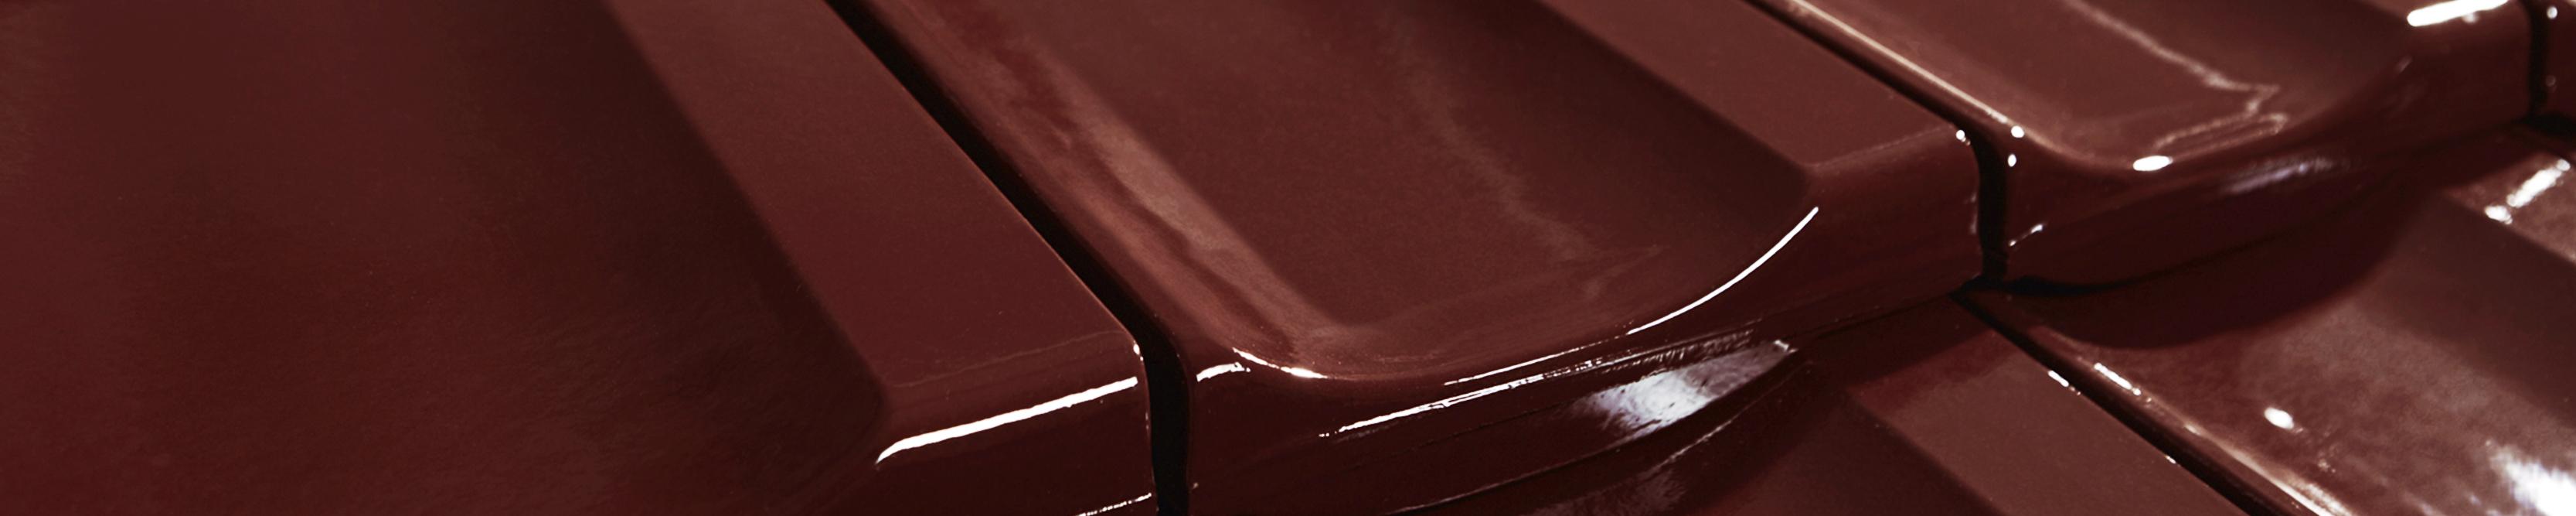 KERALIS – technologia produkcji zapewniająca dachówkom ceramicznych CREATON jakość premium